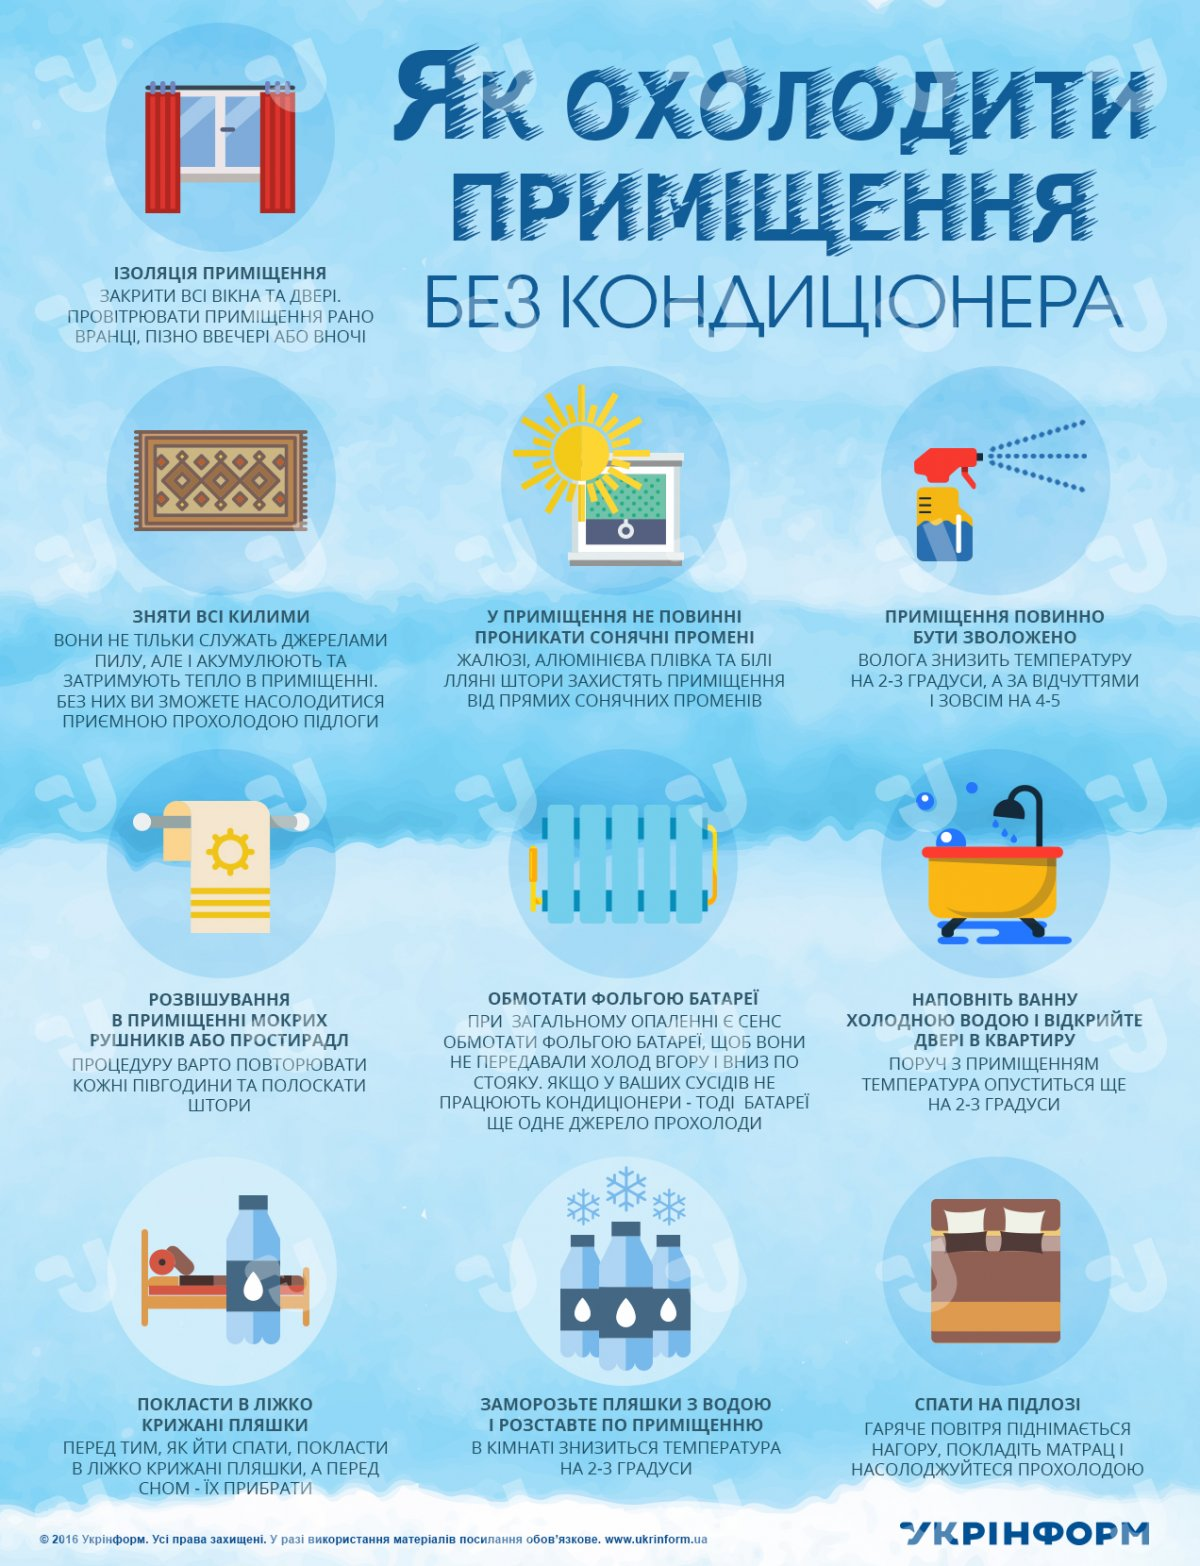 ТОП-10 порад, як охолодити приміщення без кондиціонера - фото 1